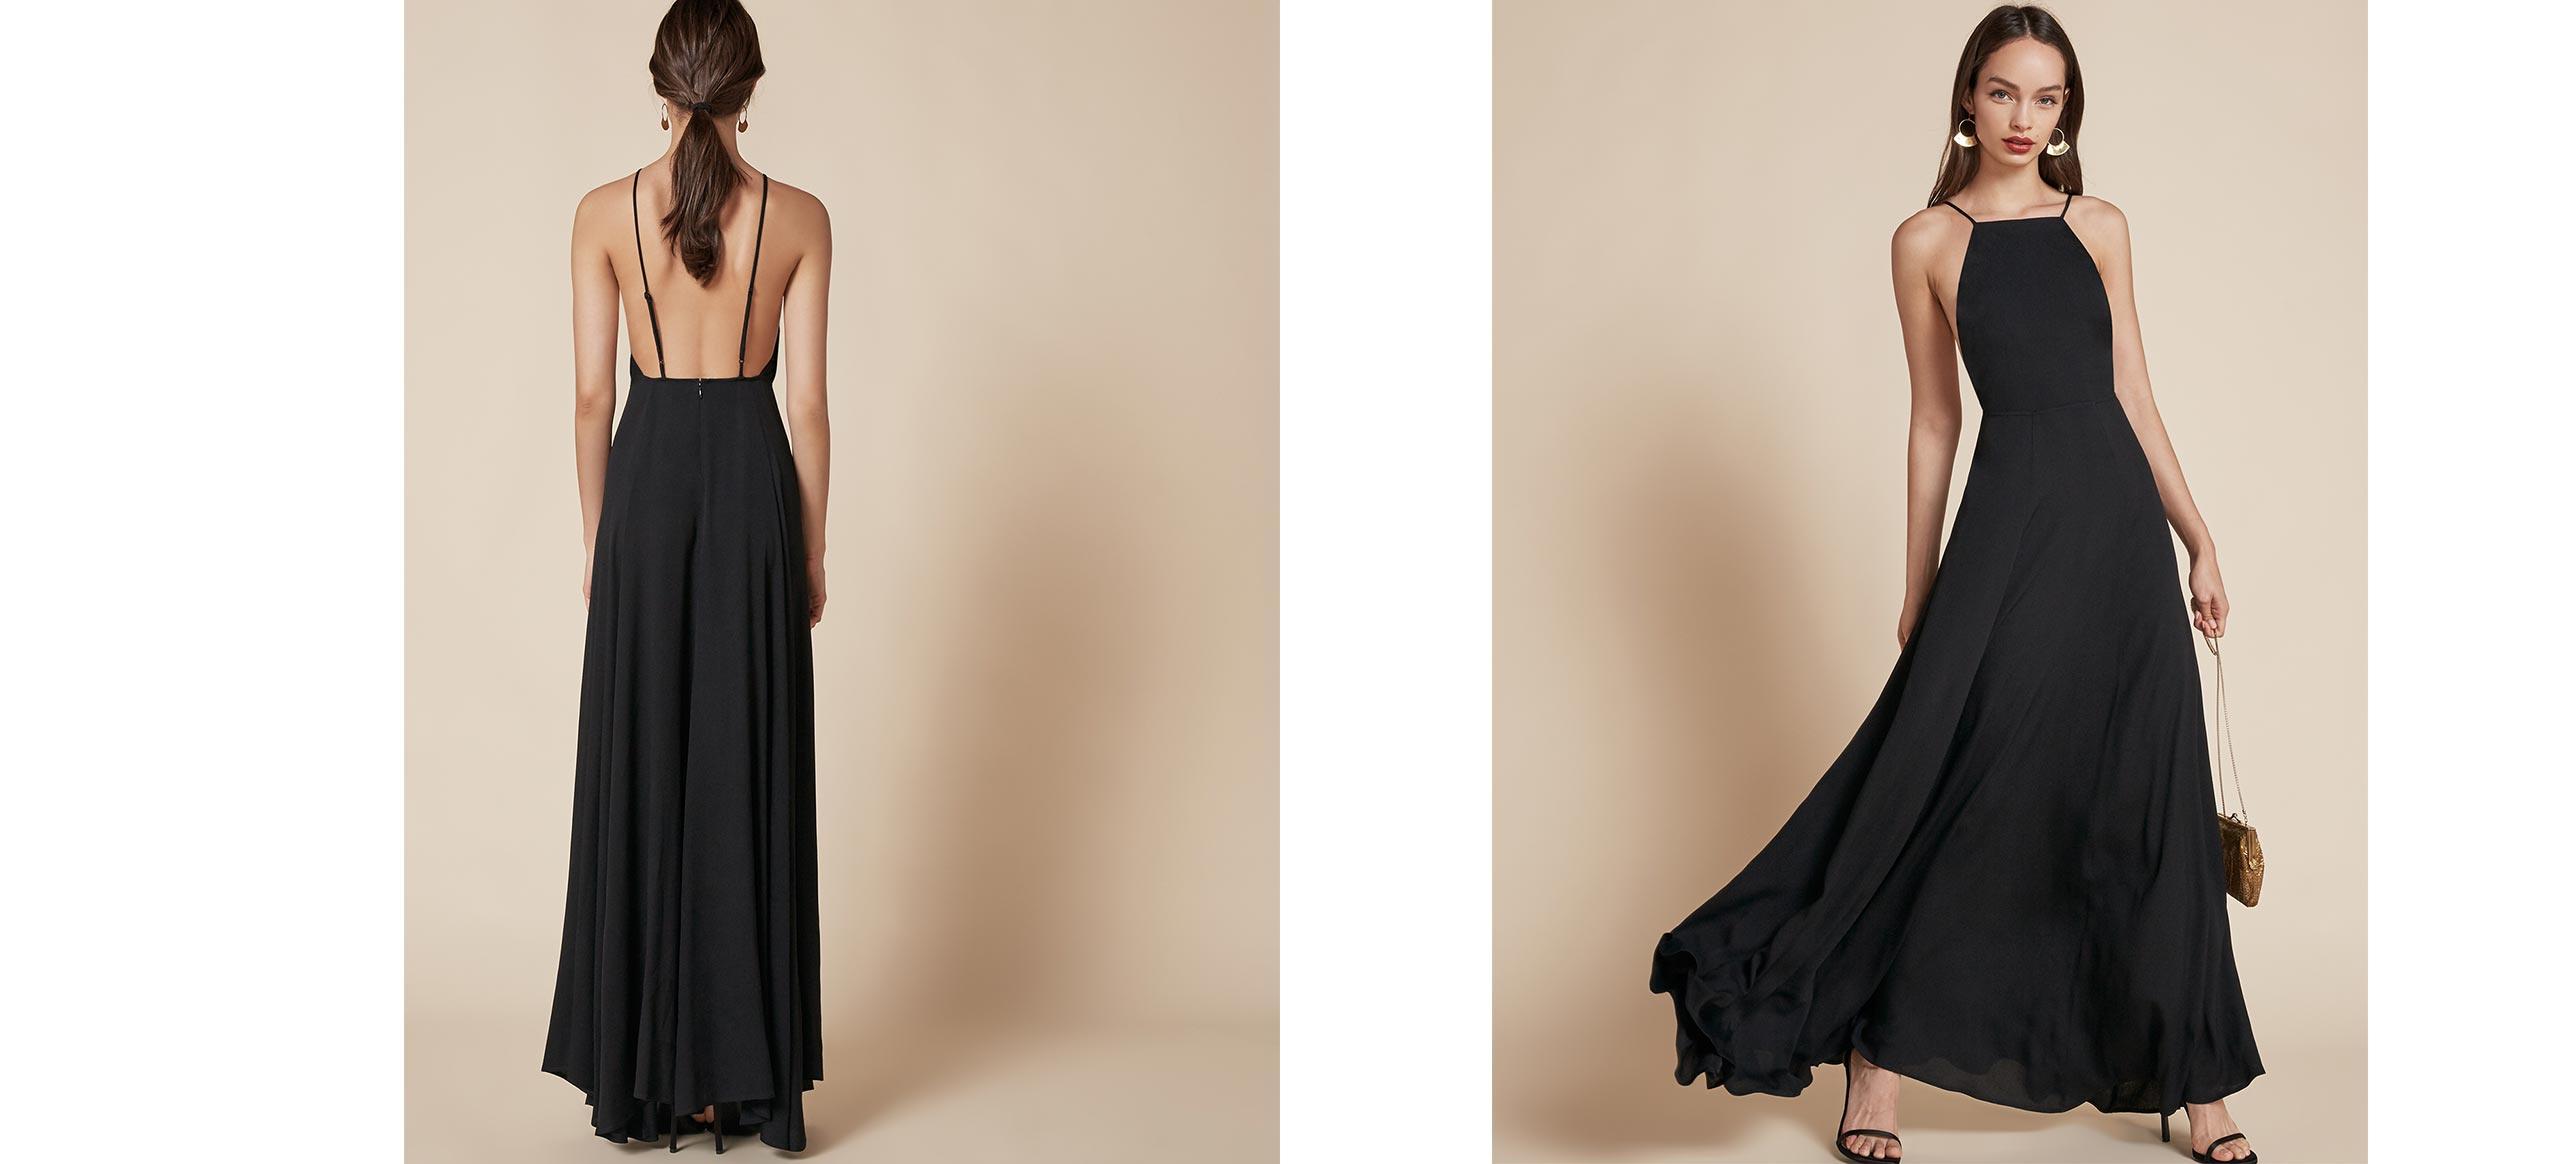 Großartig Abendkleid Fair Bester PreisDesigner Einfach Abendkleid Fair Design